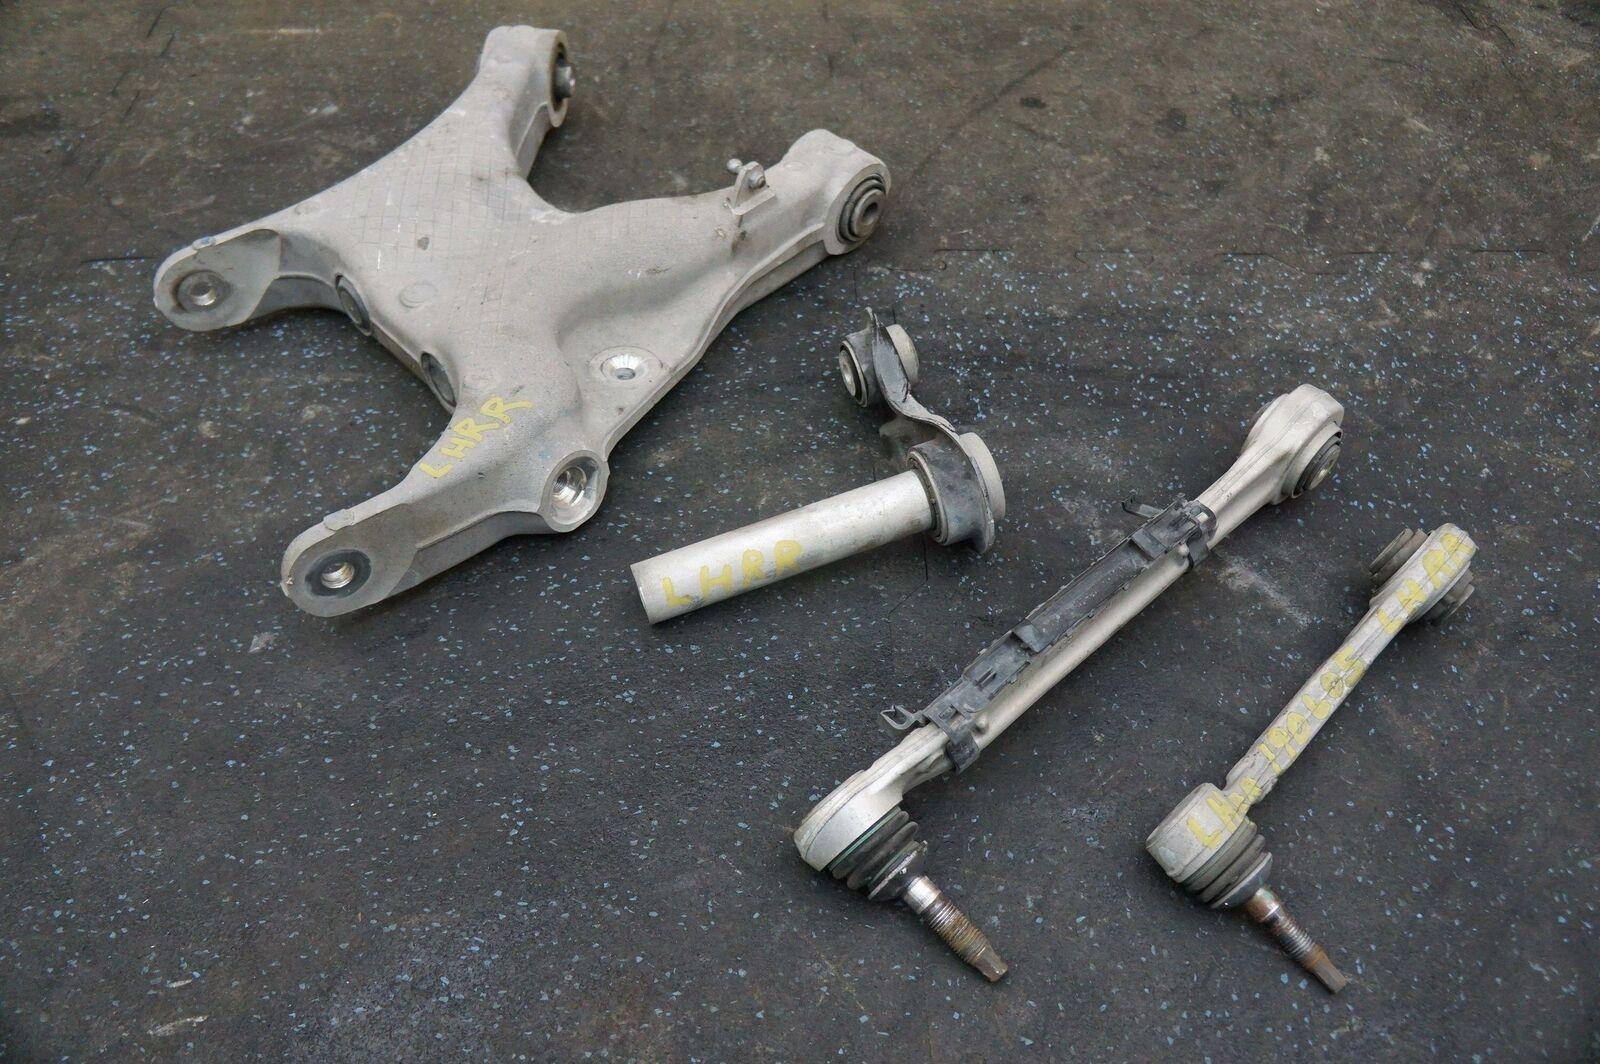 Set 4 Rear Left Control Arm OEM BMW X5 X5M X6 X6M E70 E71 F15 F16 F85 F86  07-18